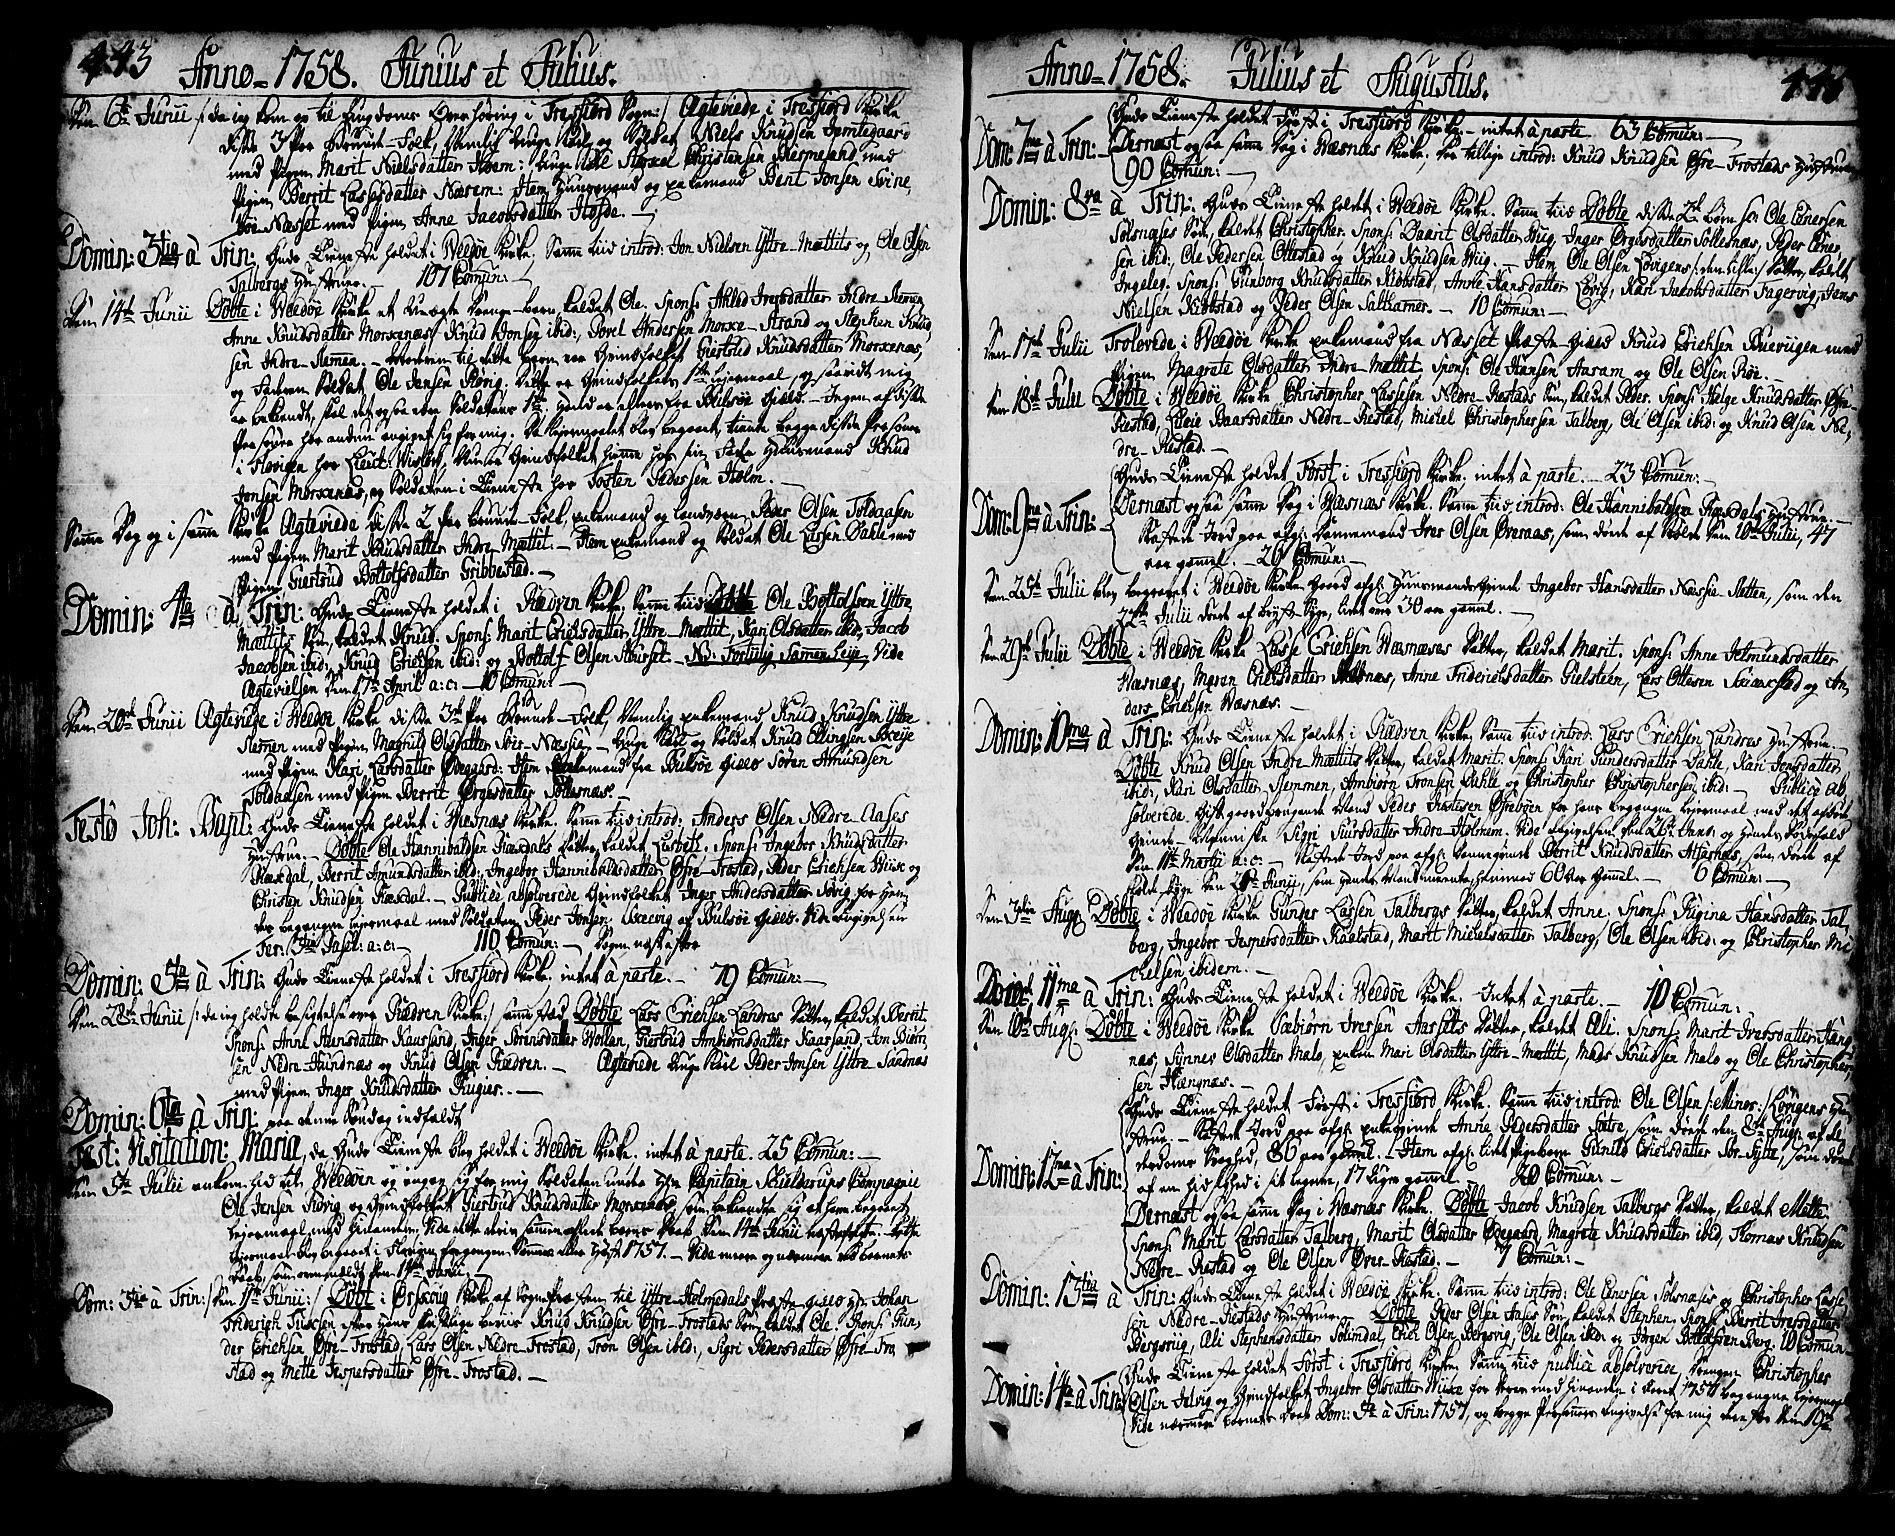 SAT, Ministerialprotokoller, klokkerbøker og fødselsregistre - Møre og Romsdal, 547/L0599: Parish register (official) no. 547A01, 1721-1764, p. 443 og 445